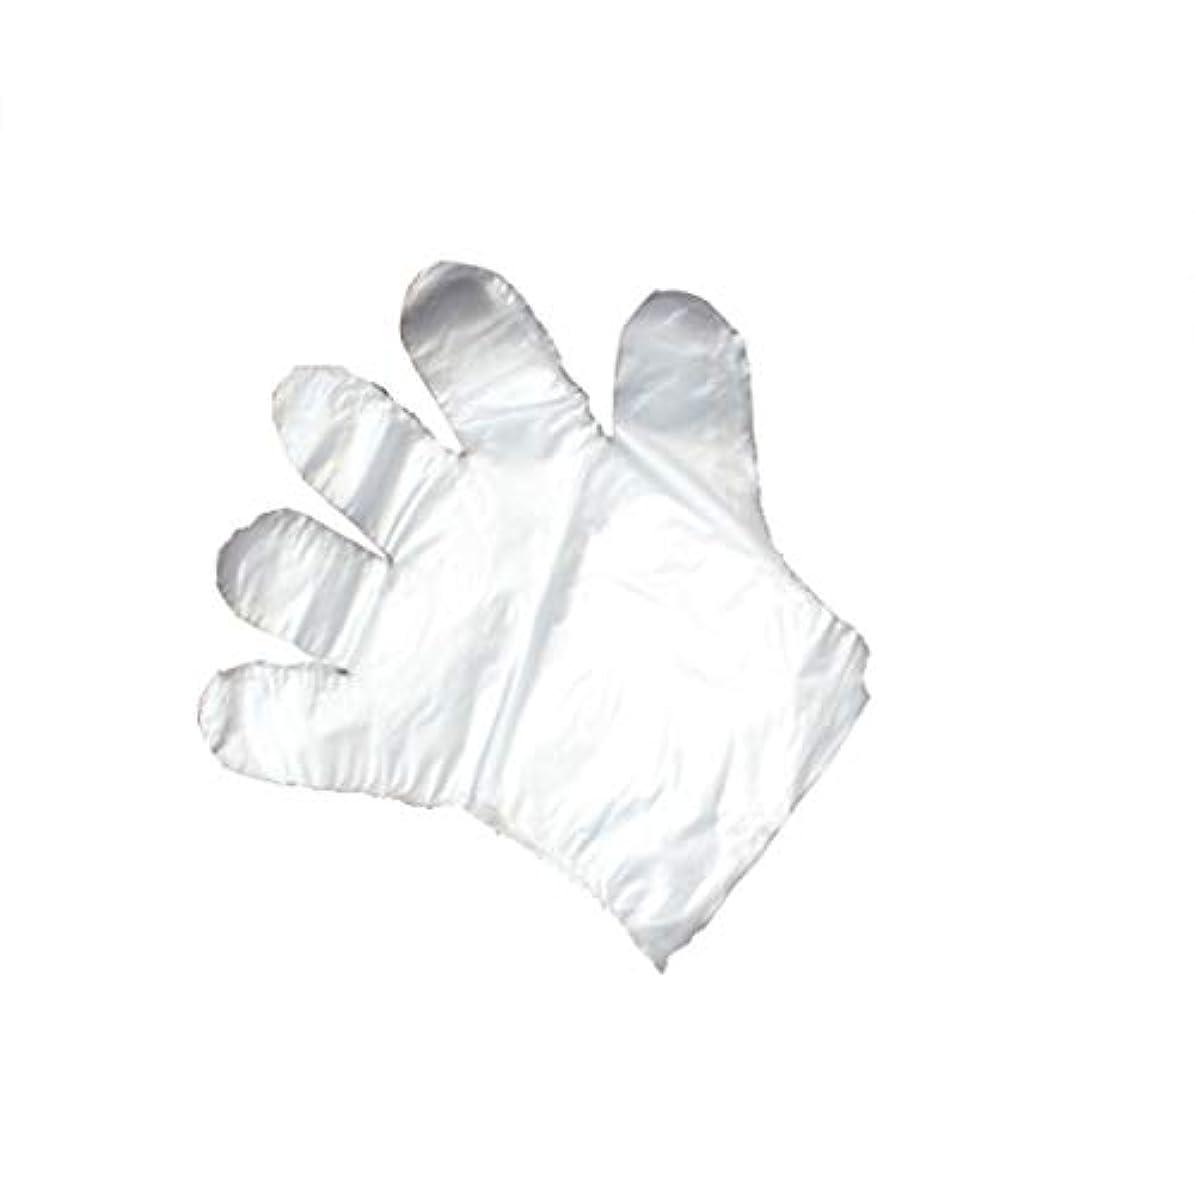 撤回する不足爆発手袋、使い捨て手袋、透明な肥厚、美しさ、家庭掃除、手袋、白、透明、5パック、500袋。 (UnitCount : 1000)